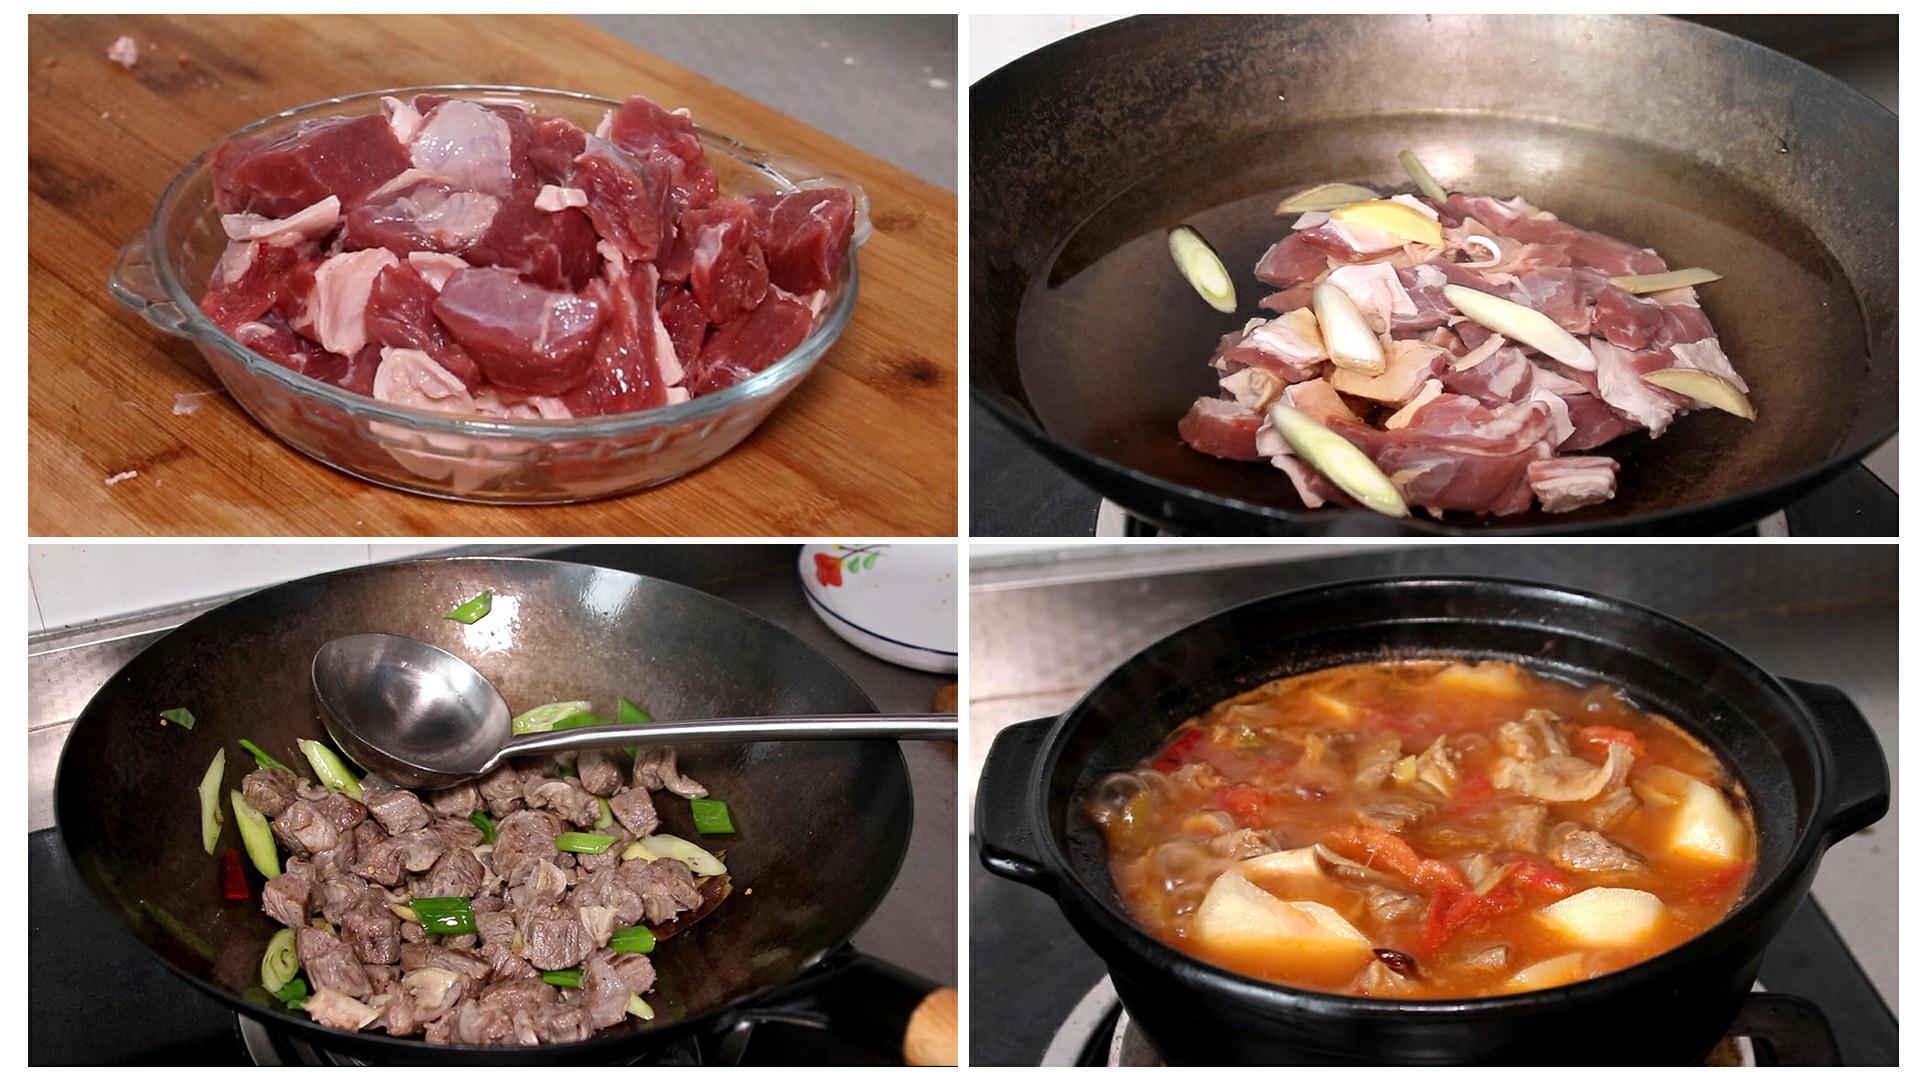 冬至过后,6道美食不要错过,家人常吃驱寒保暖,营养又解馋  美食做法 第4张